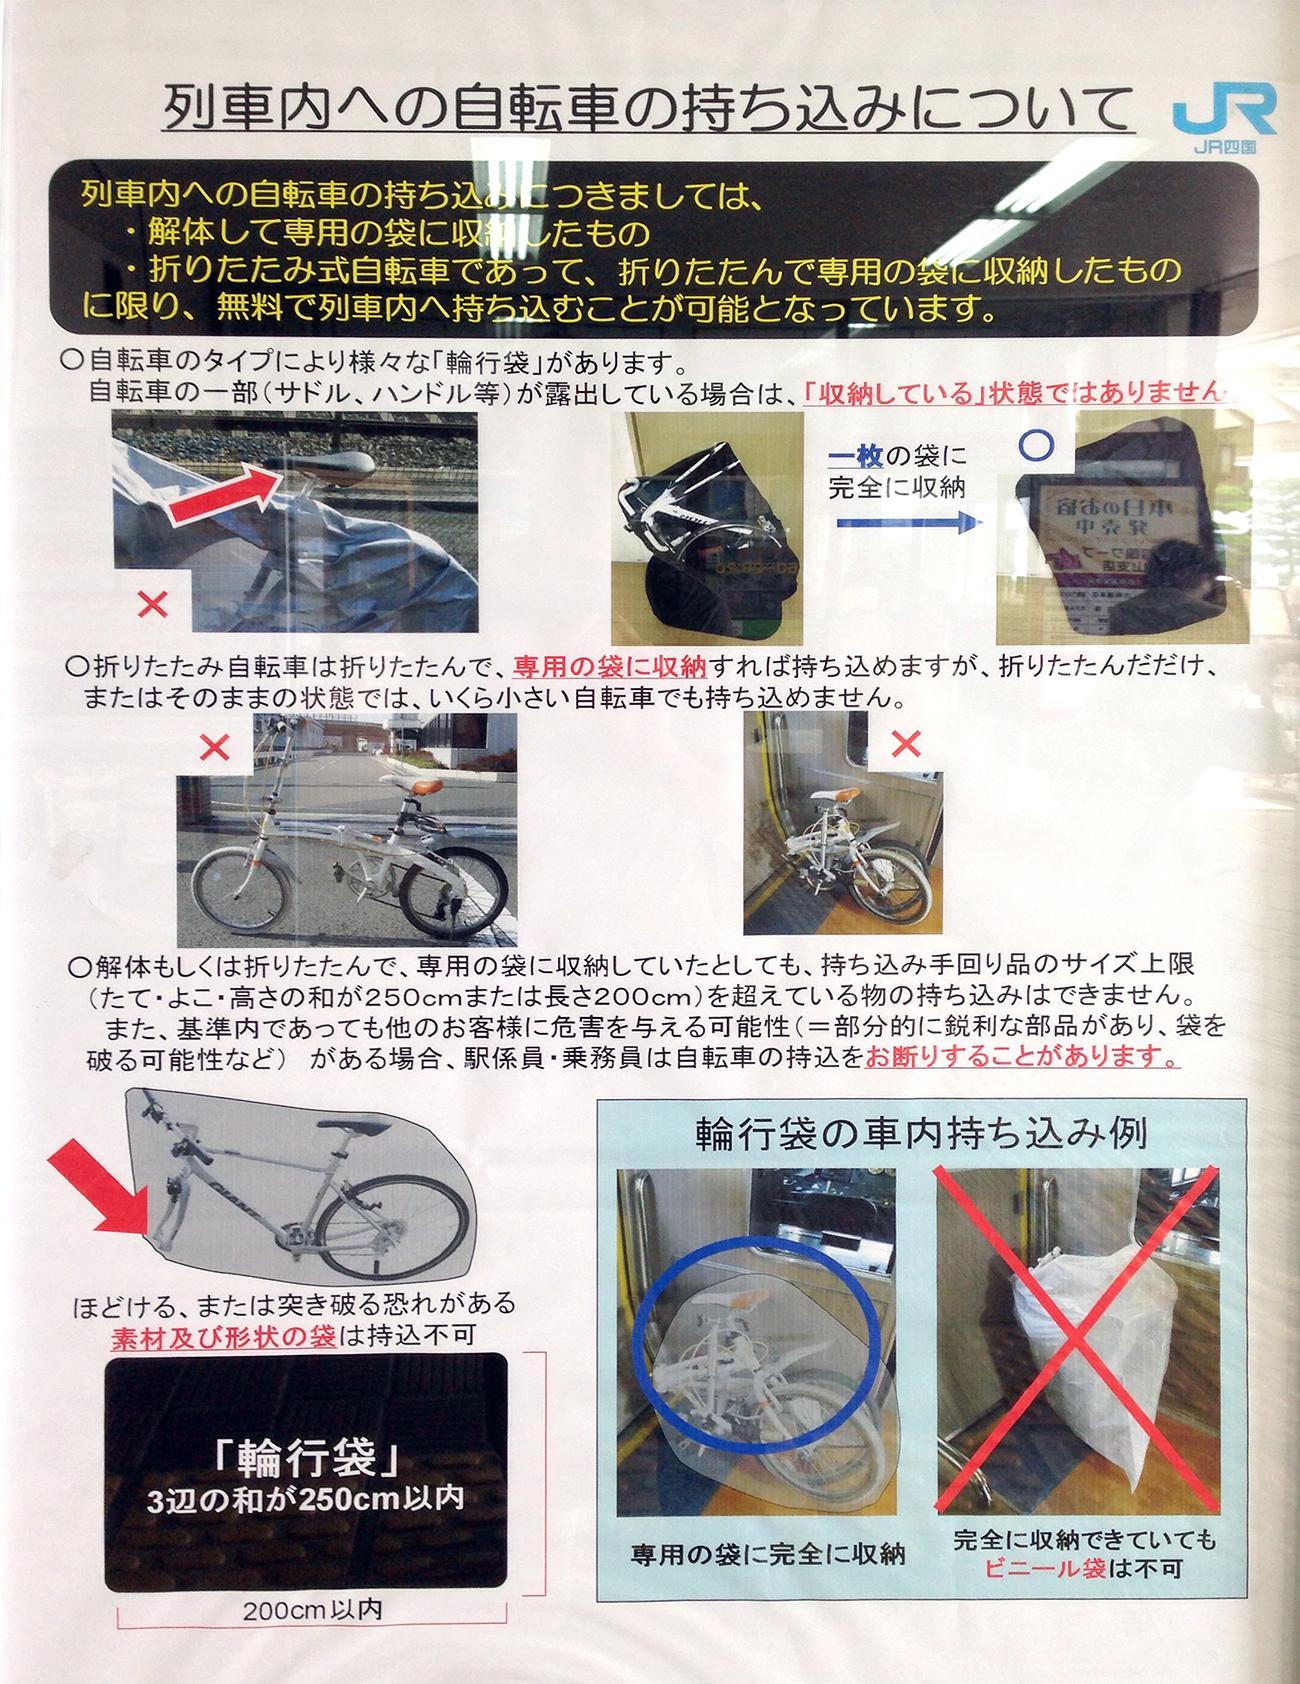 松山駅の「列車内への自転車の持ち込みについて」の注意点ポスター